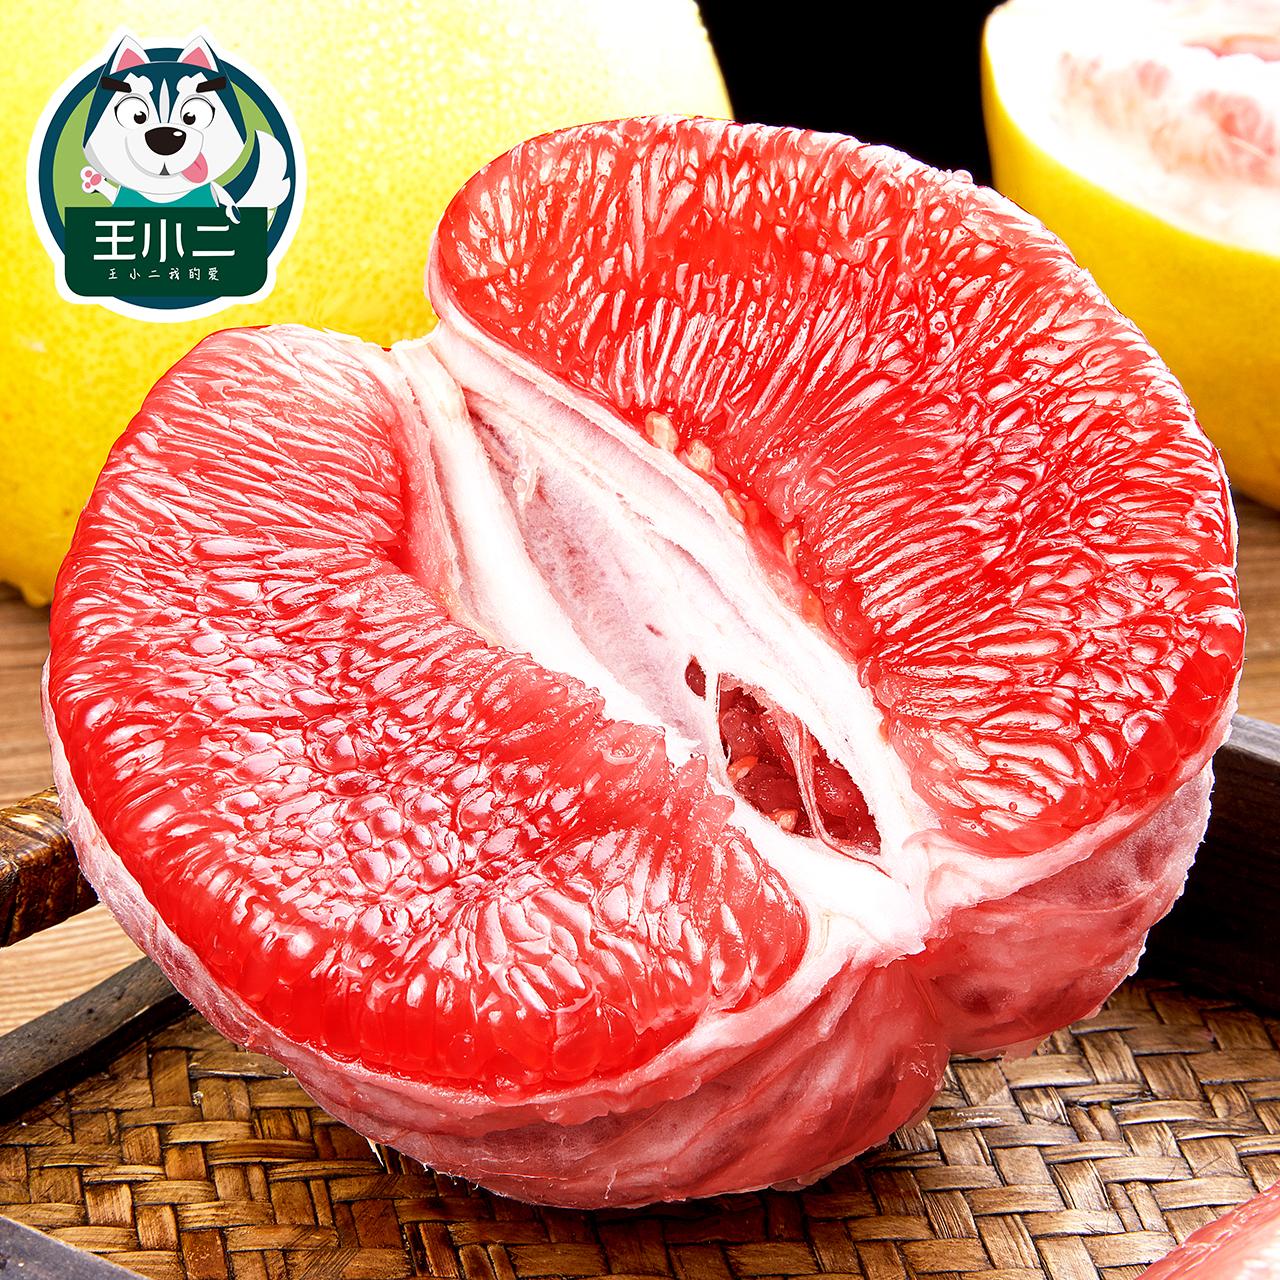 王小二 福建平和管溪蜜柚红心柚子红肉新鲜水果整箱当季应季10斤